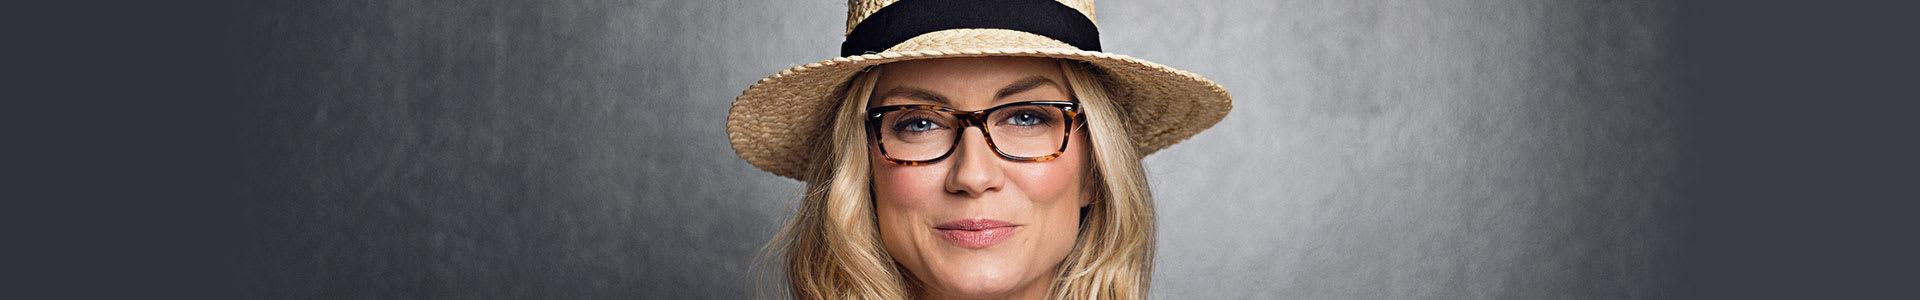 New Eyeglasses for Women